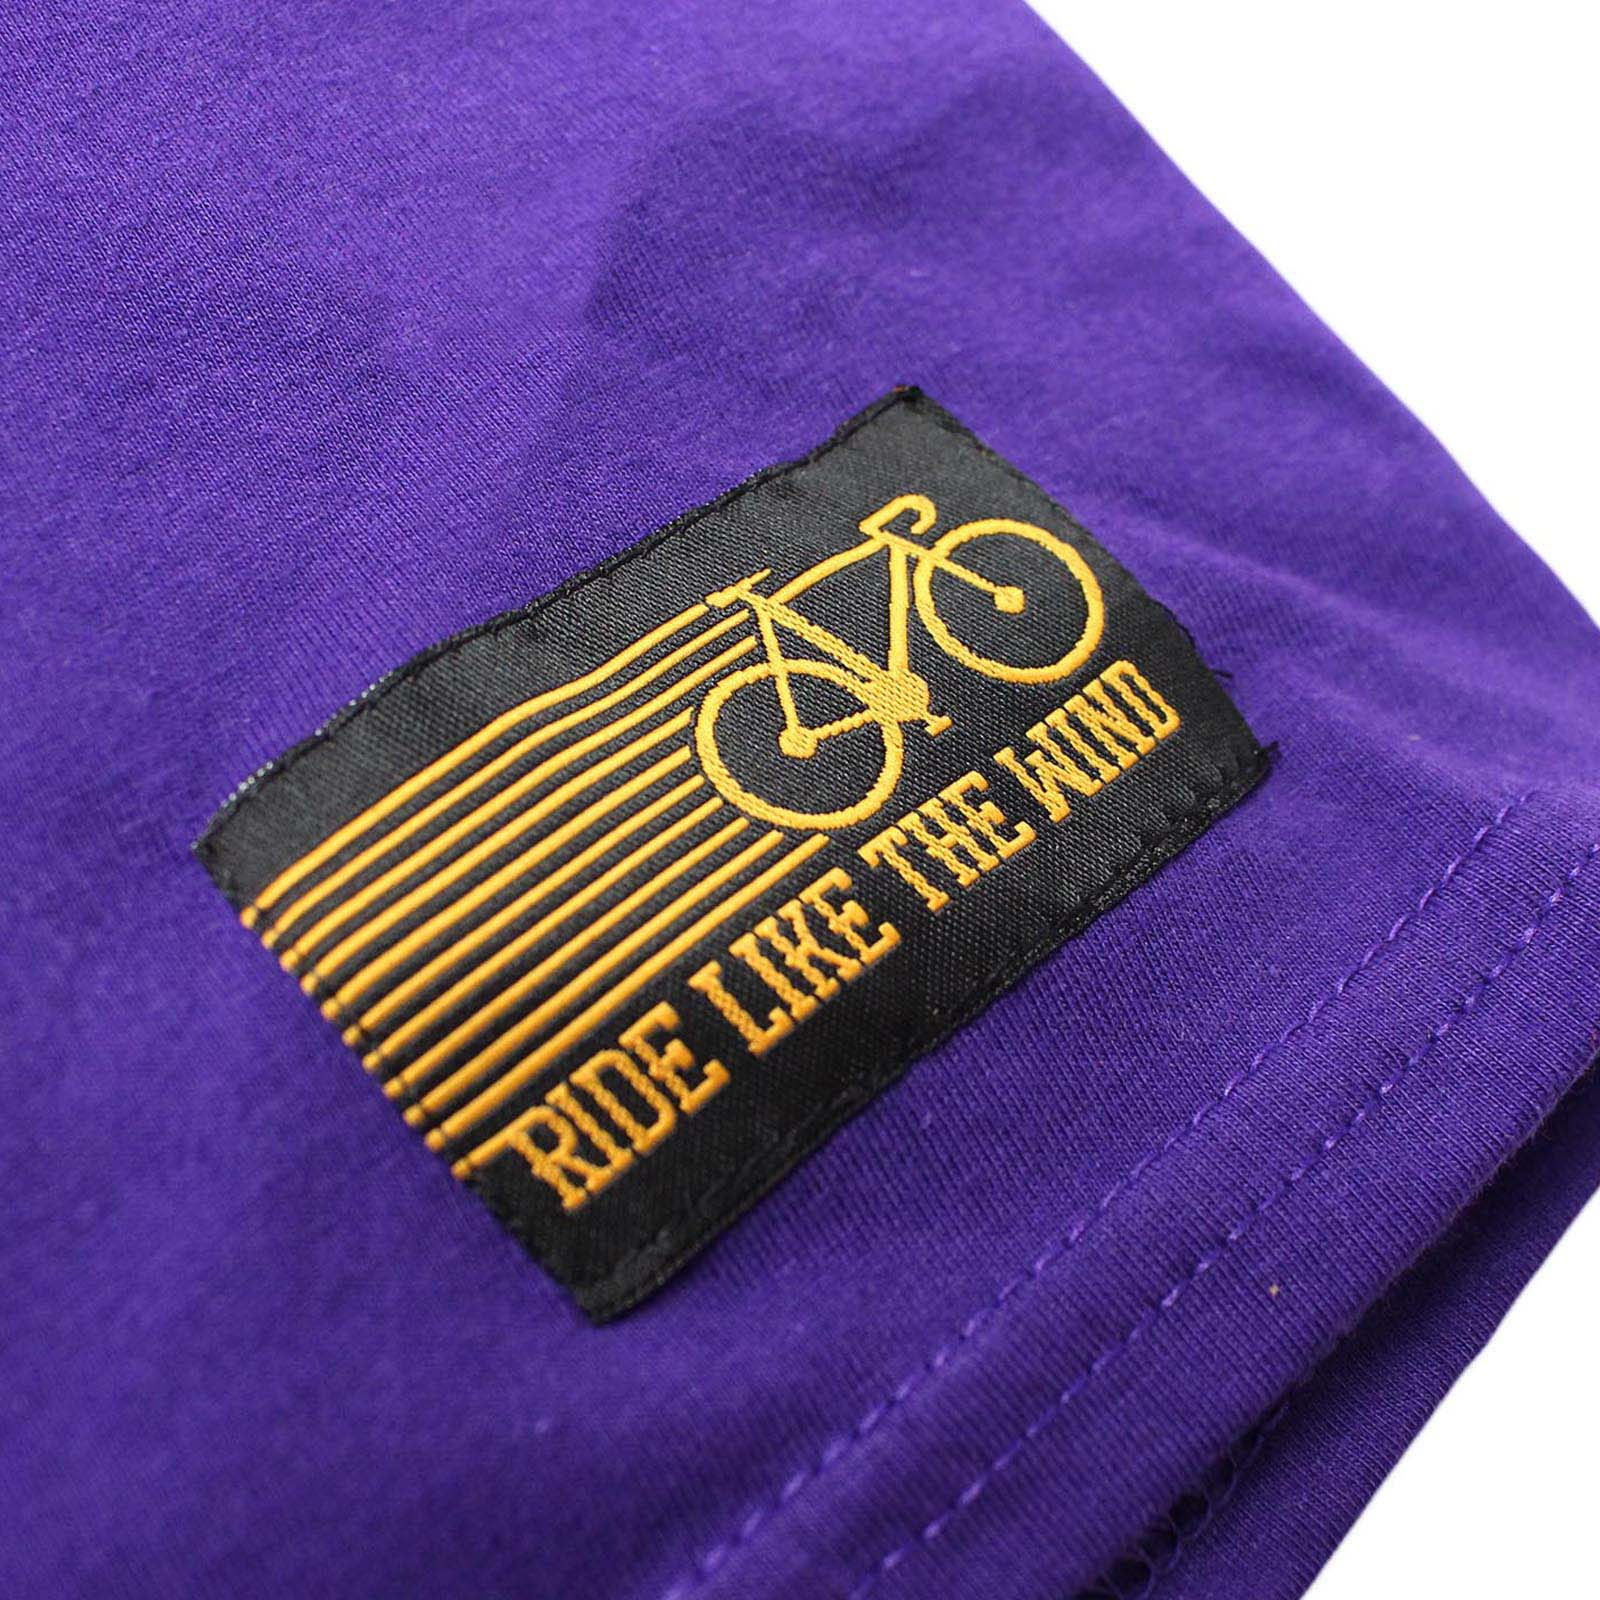 FB-Cycling-Tee-Ocd-Cycling-Novelty-Birthday-Christmas-Gift-Mens-T-Shirt thumbnail 30